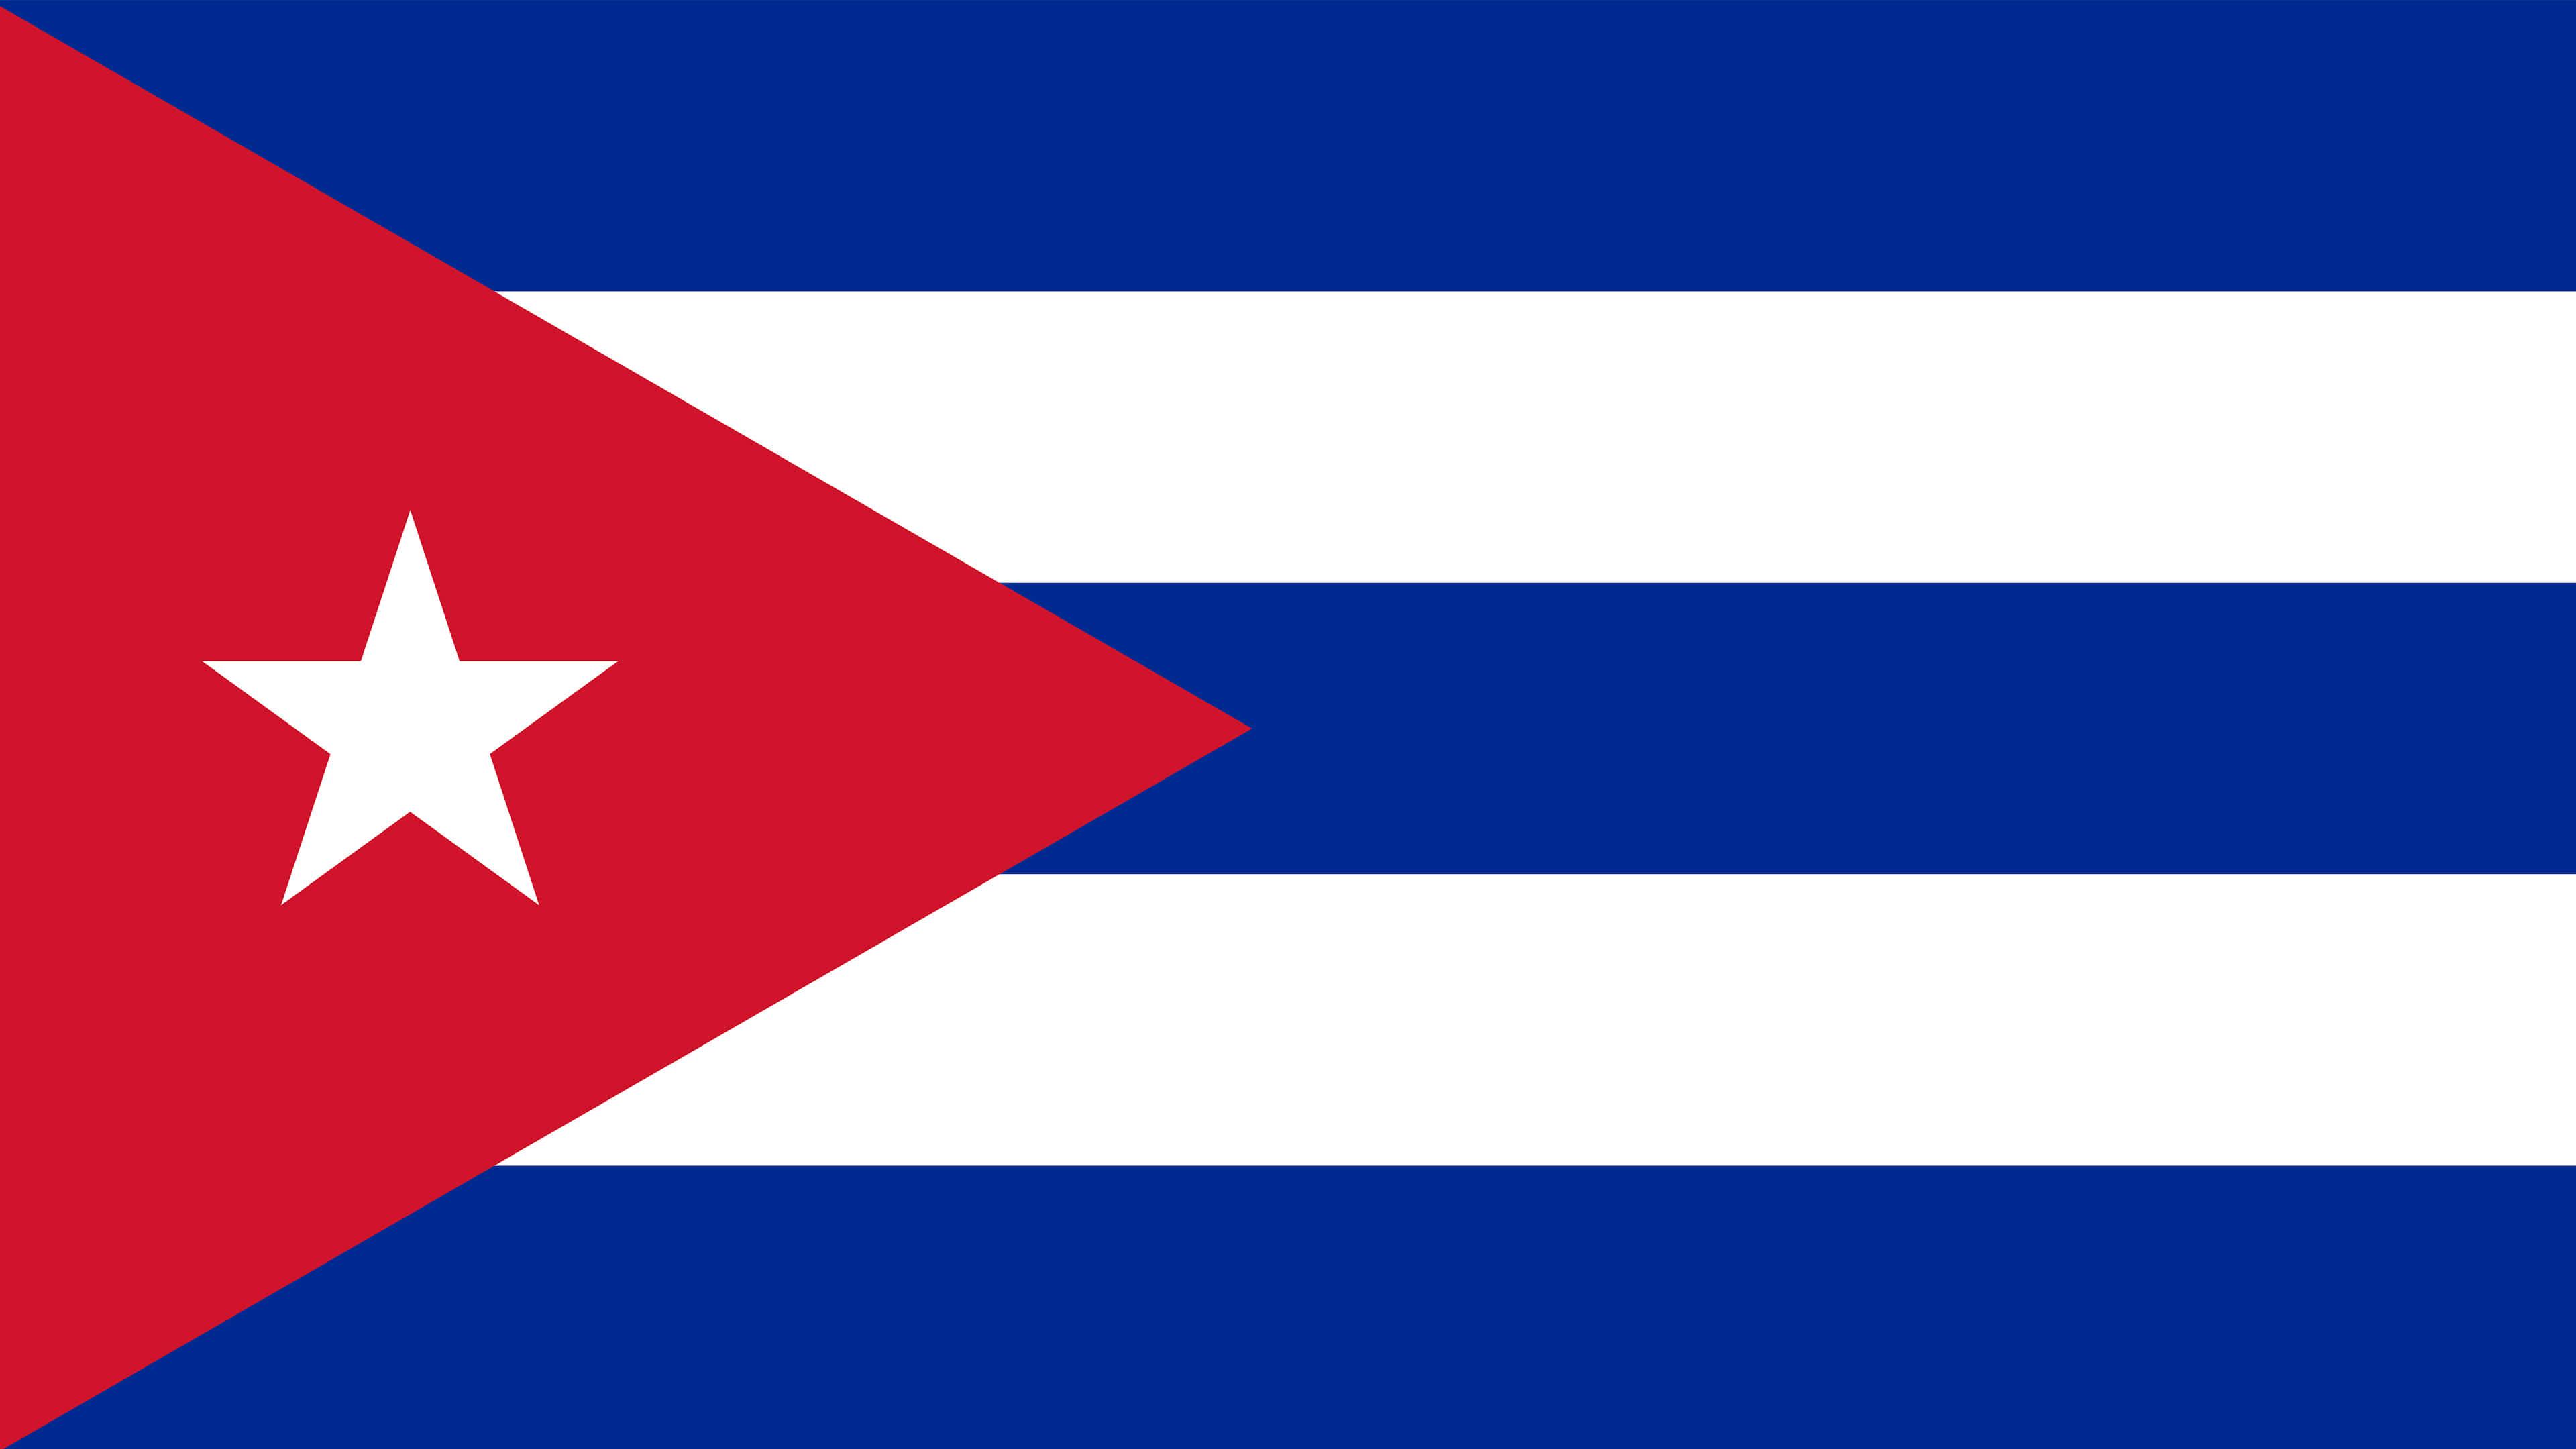 cuba flag uhd 4k wallpaper